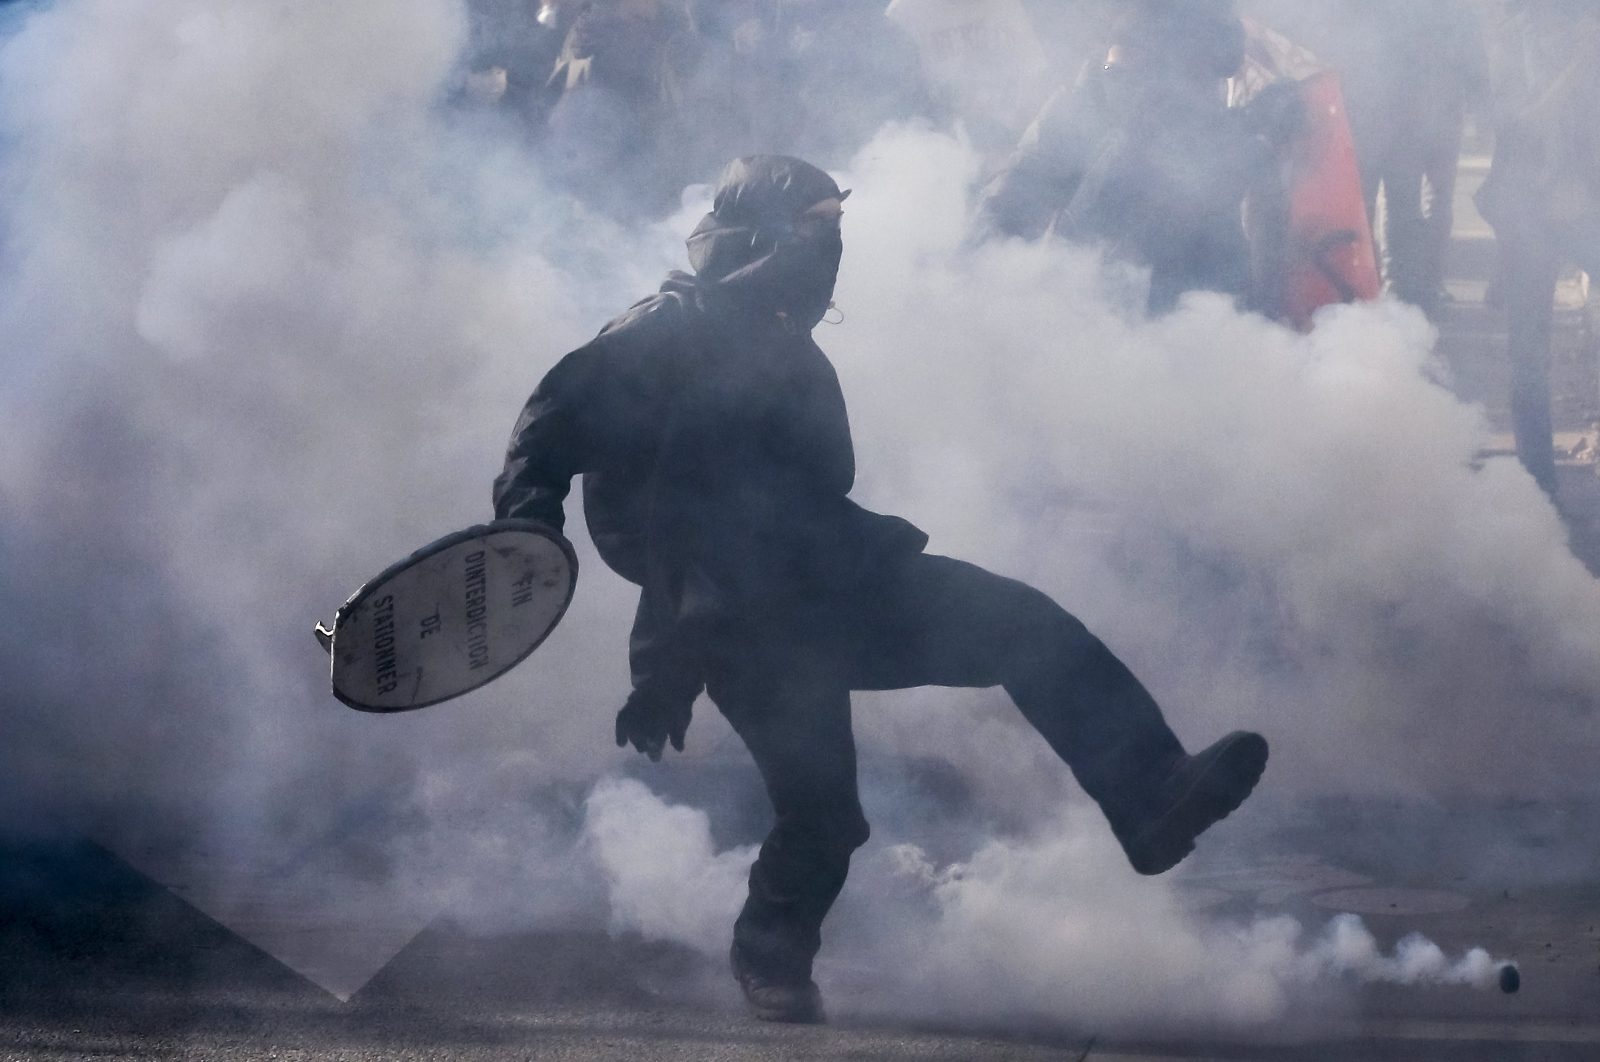 Demonstracje przeciwko reformie prawa pracy prezydenta Macrona, Paryż